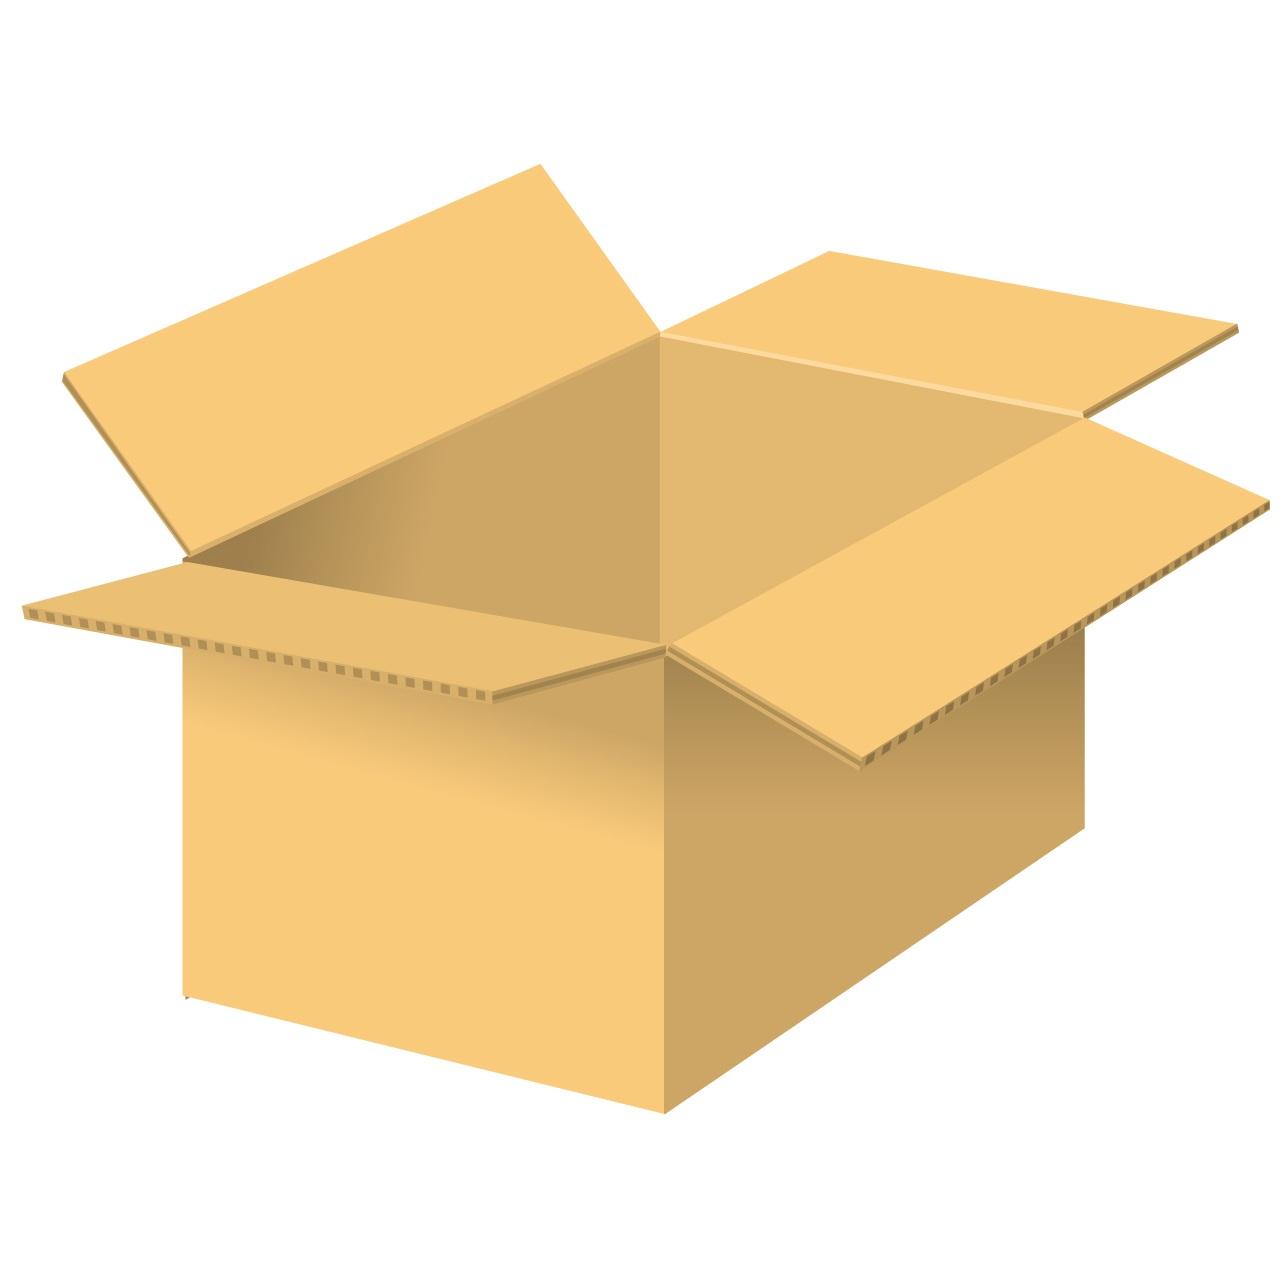 フレッシュ 本当に 匿名 ボックス